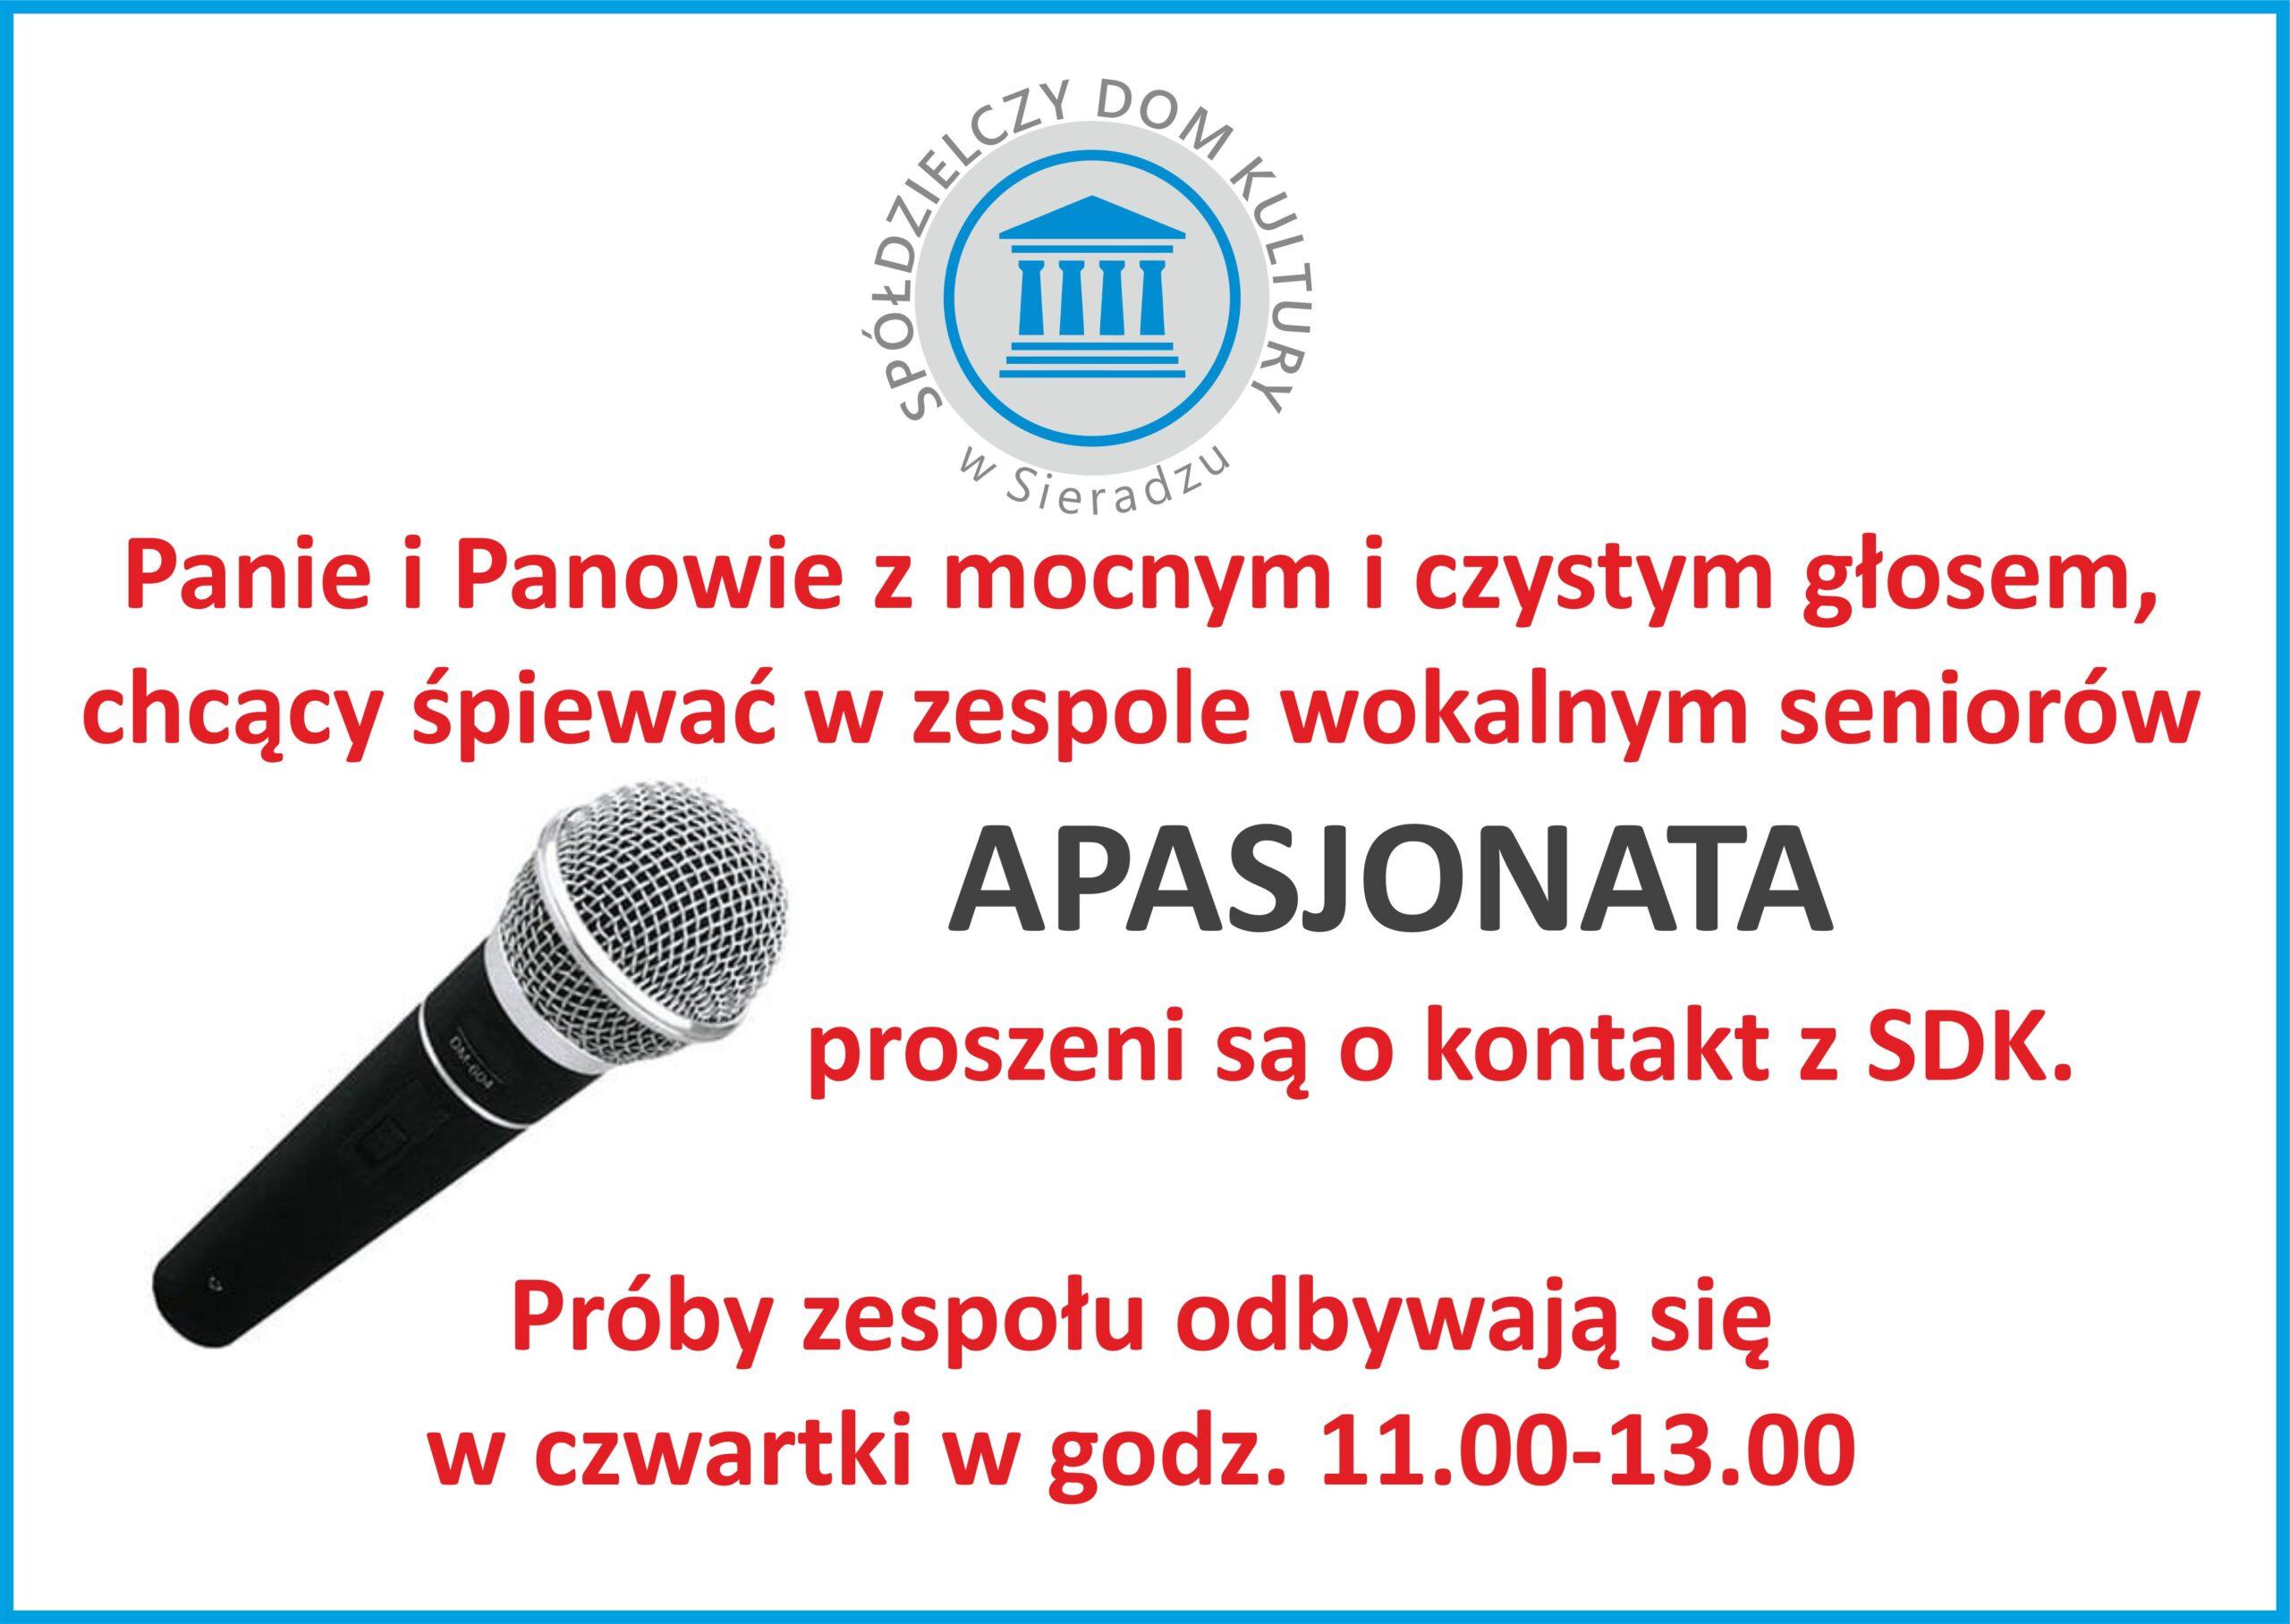 """Wokaliści do zespołu """"Apasjonata"""" poszukiwani! – ogłoszenie"""